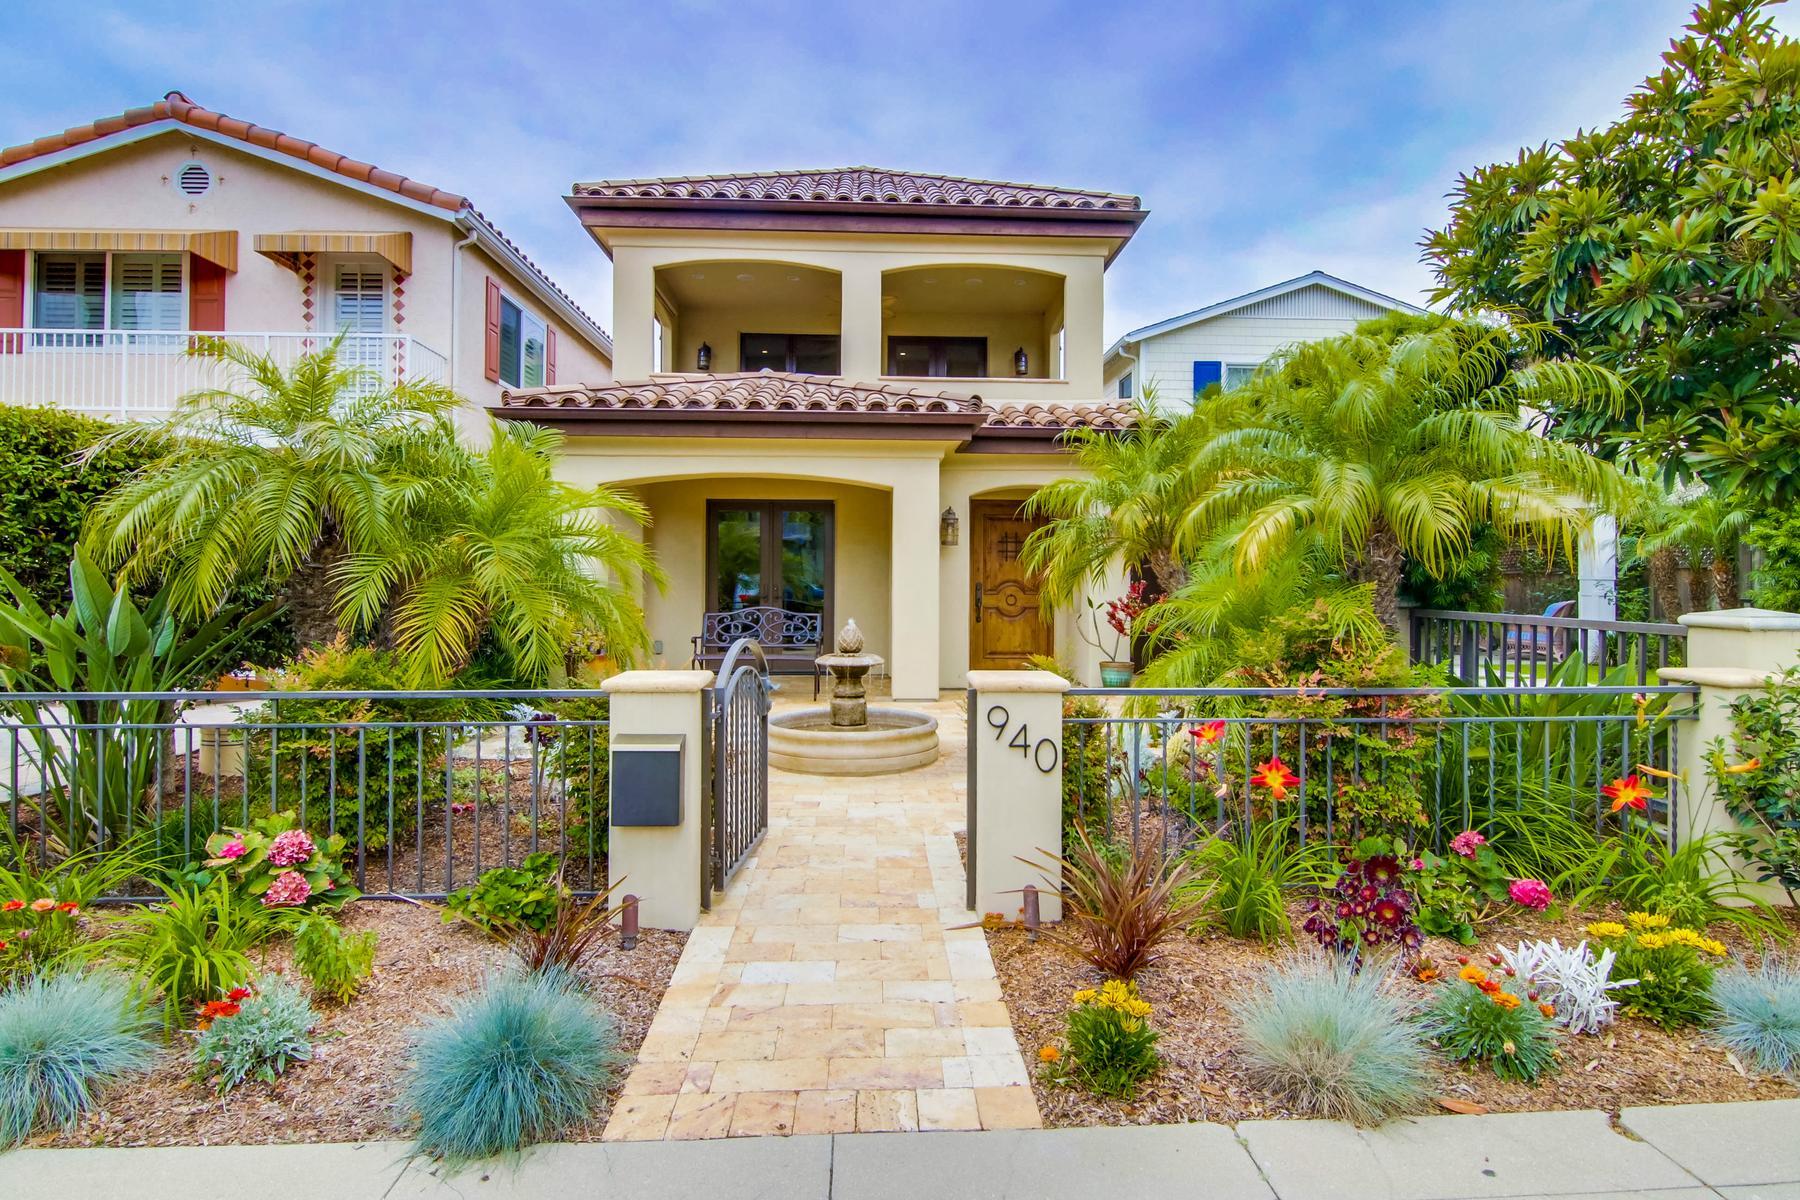 Vivienda unifamiliar por un Venta en 940 B Avenue Coronado, California, 92118 Estados Unidos